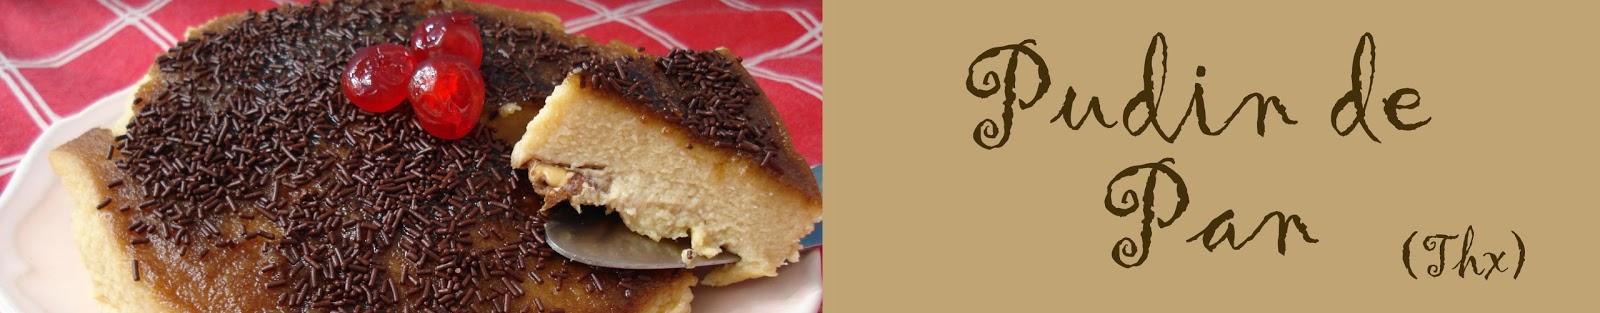 http://deliciaskawaii.blogspot.com.es/2014/01/pudin-de-pan-thermomix.html